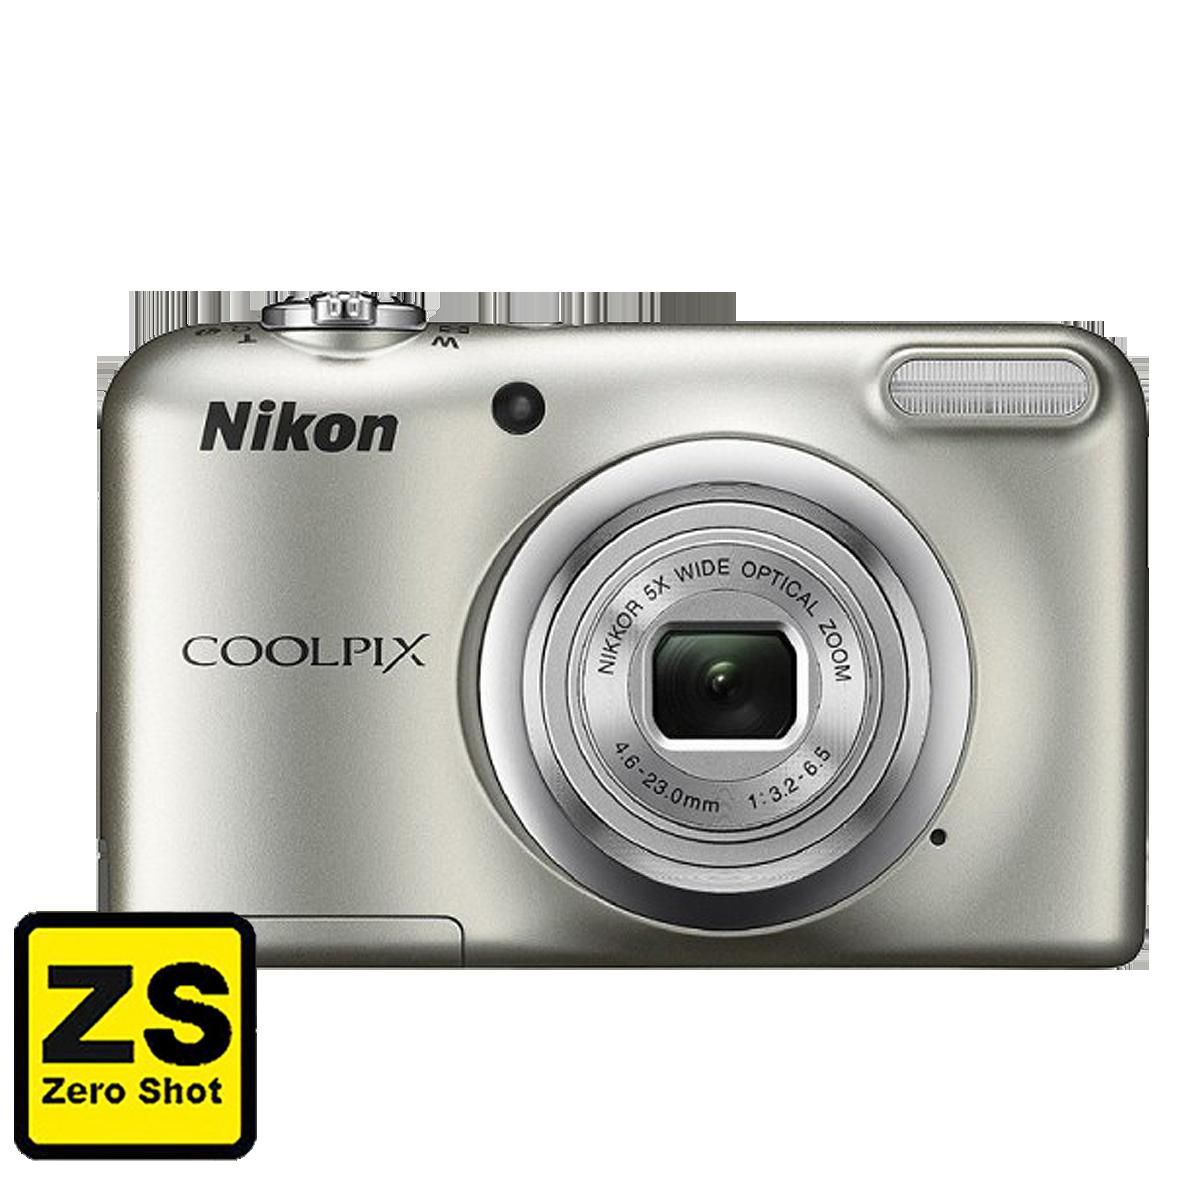 Câmera Nikon COOLPIX A10 Silver (Zero Shot)